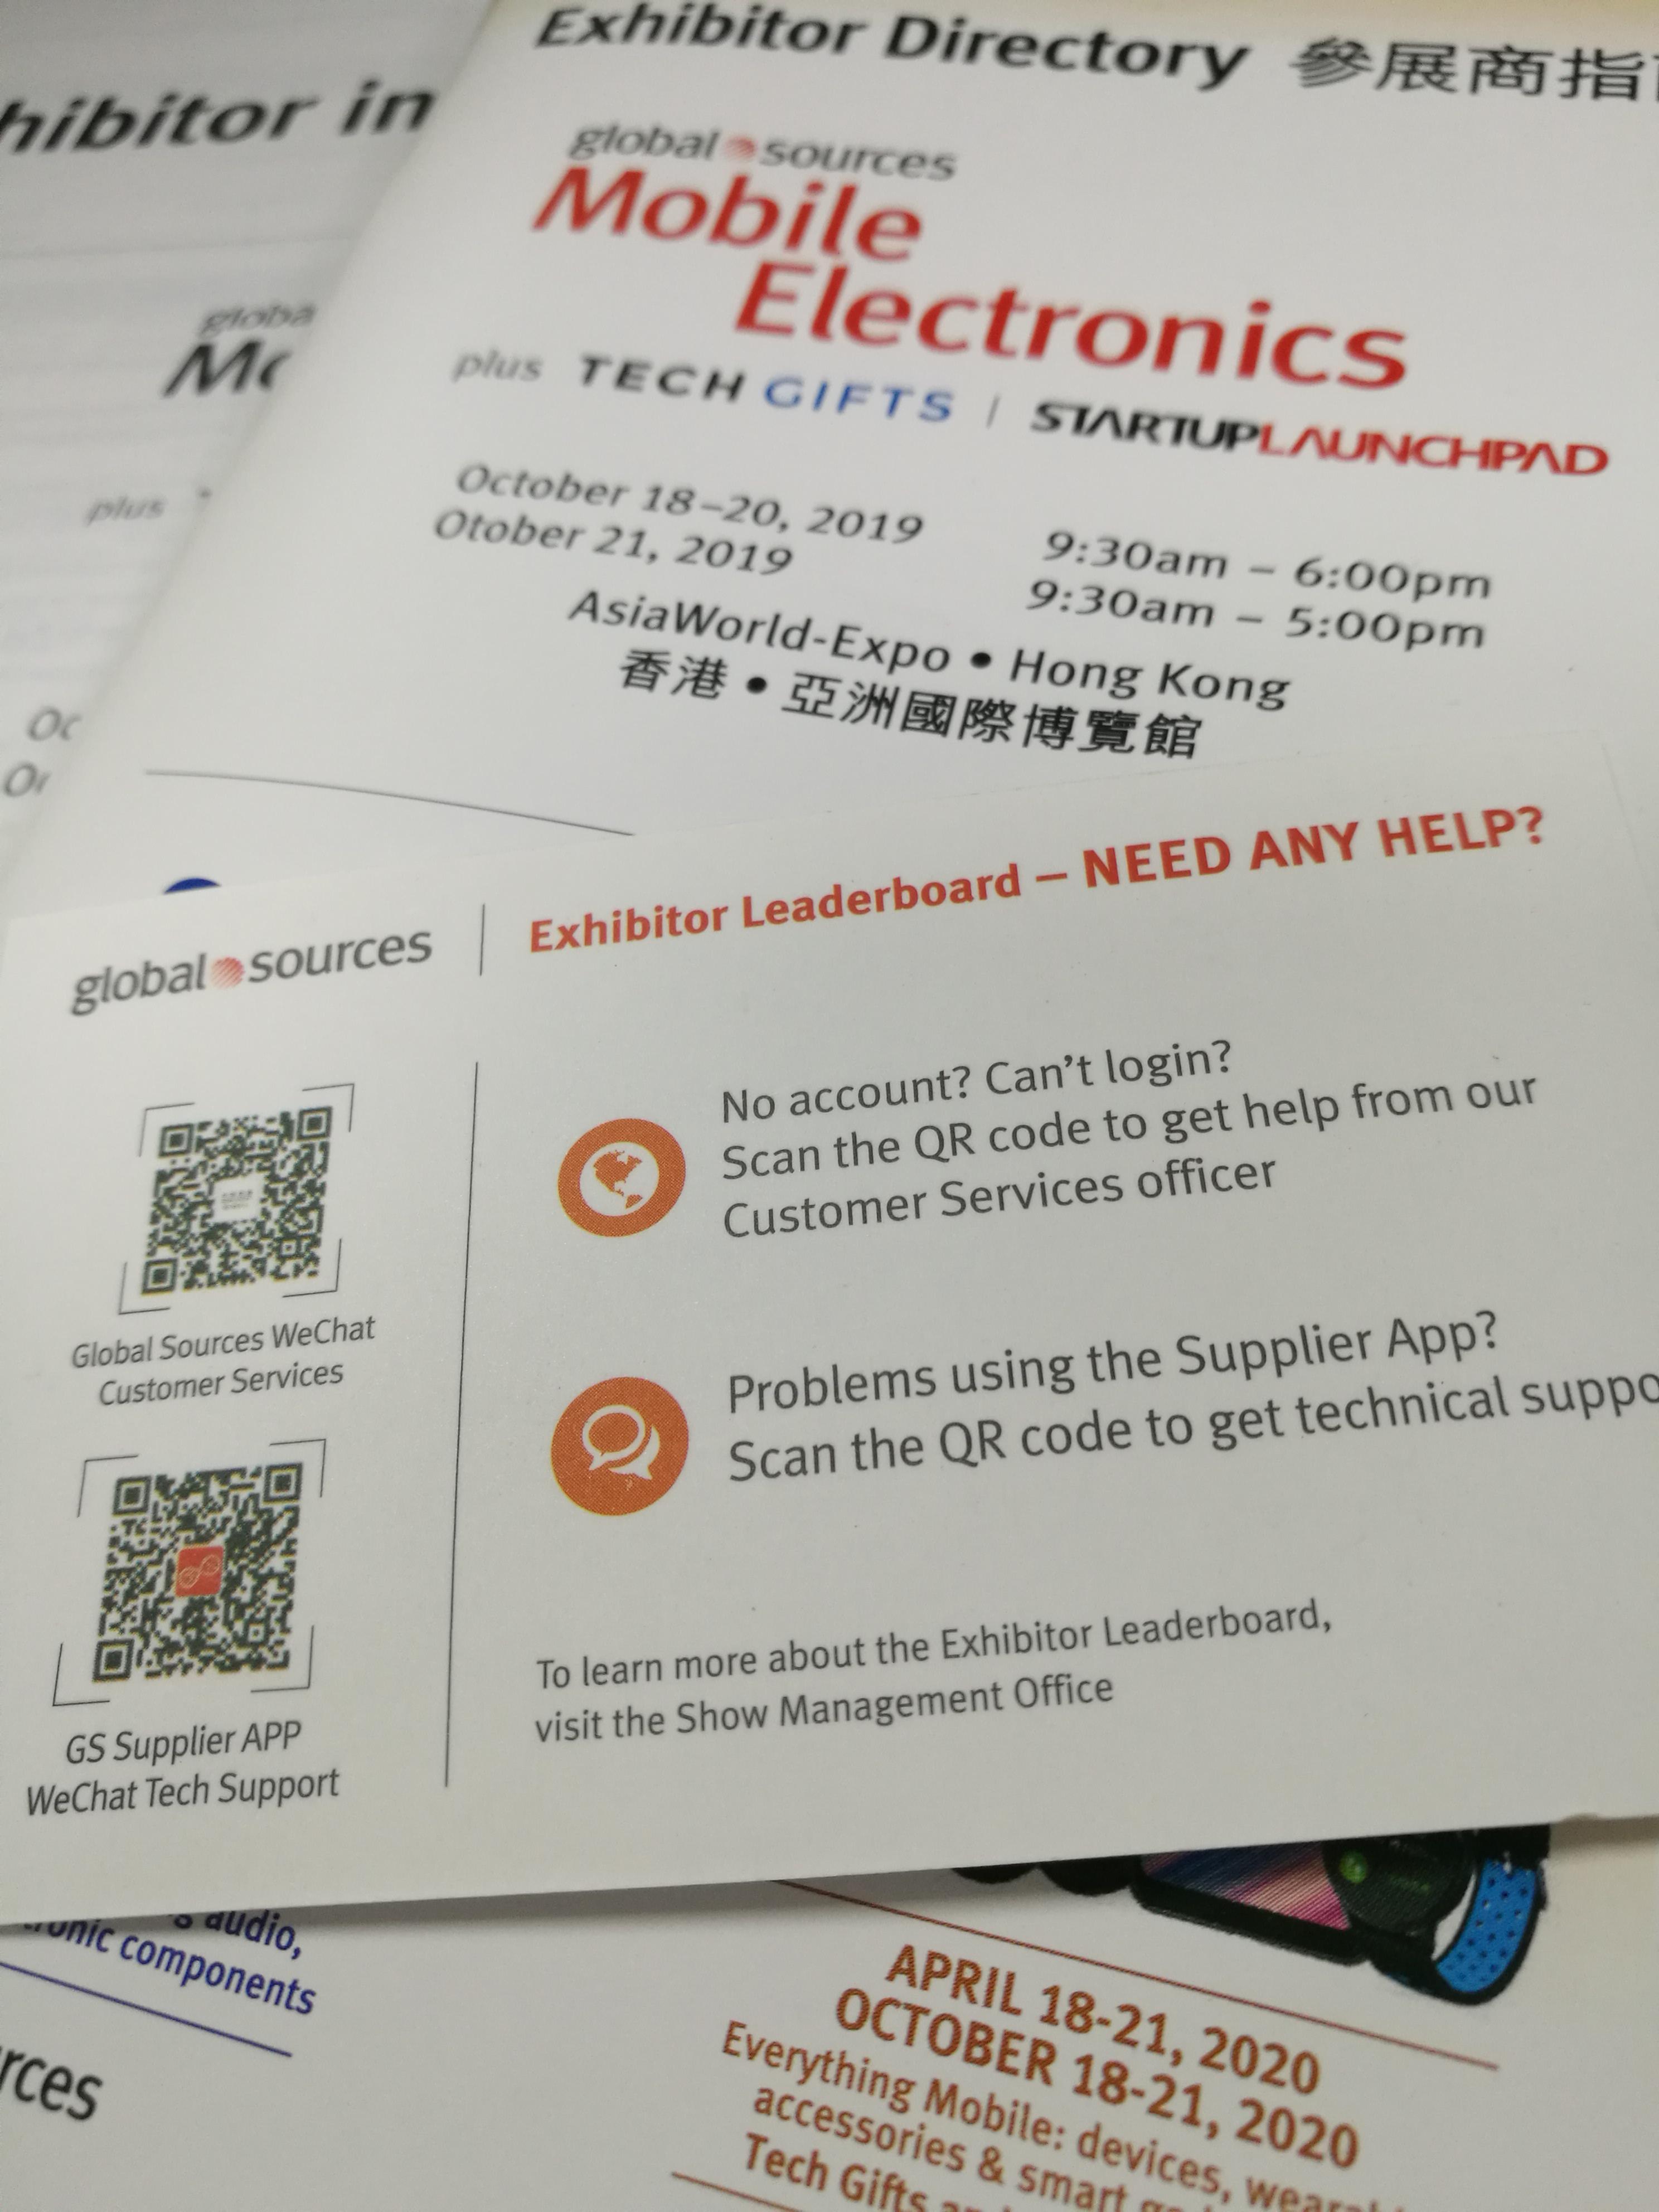 环球资源电子展